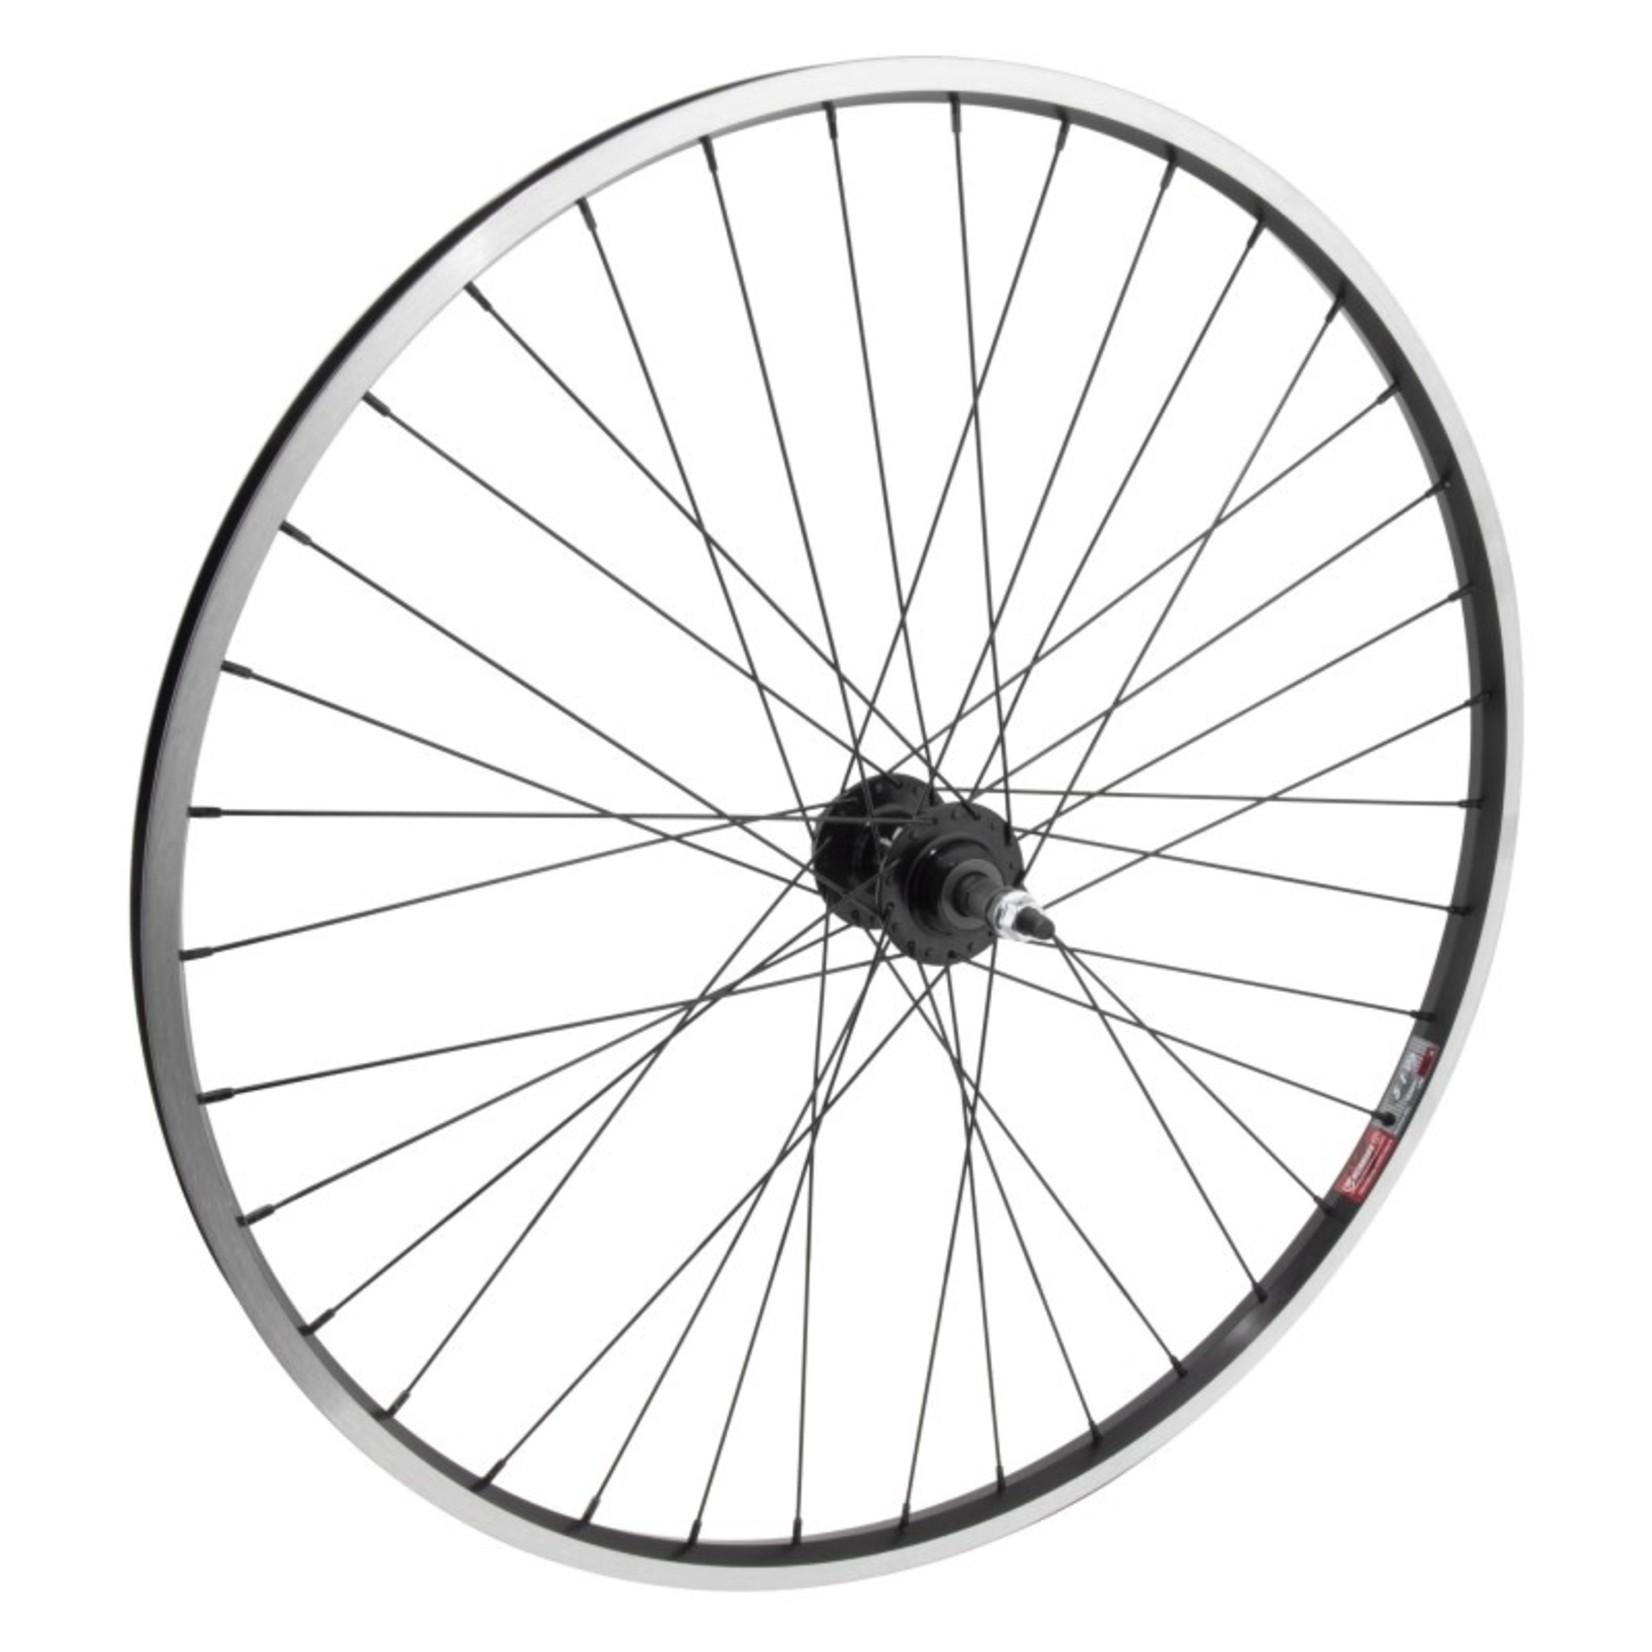 """29"""" Rear Wheel Alloy Mountain Disc Single Wall BO FW 135mm 14g Black w/MSW"""